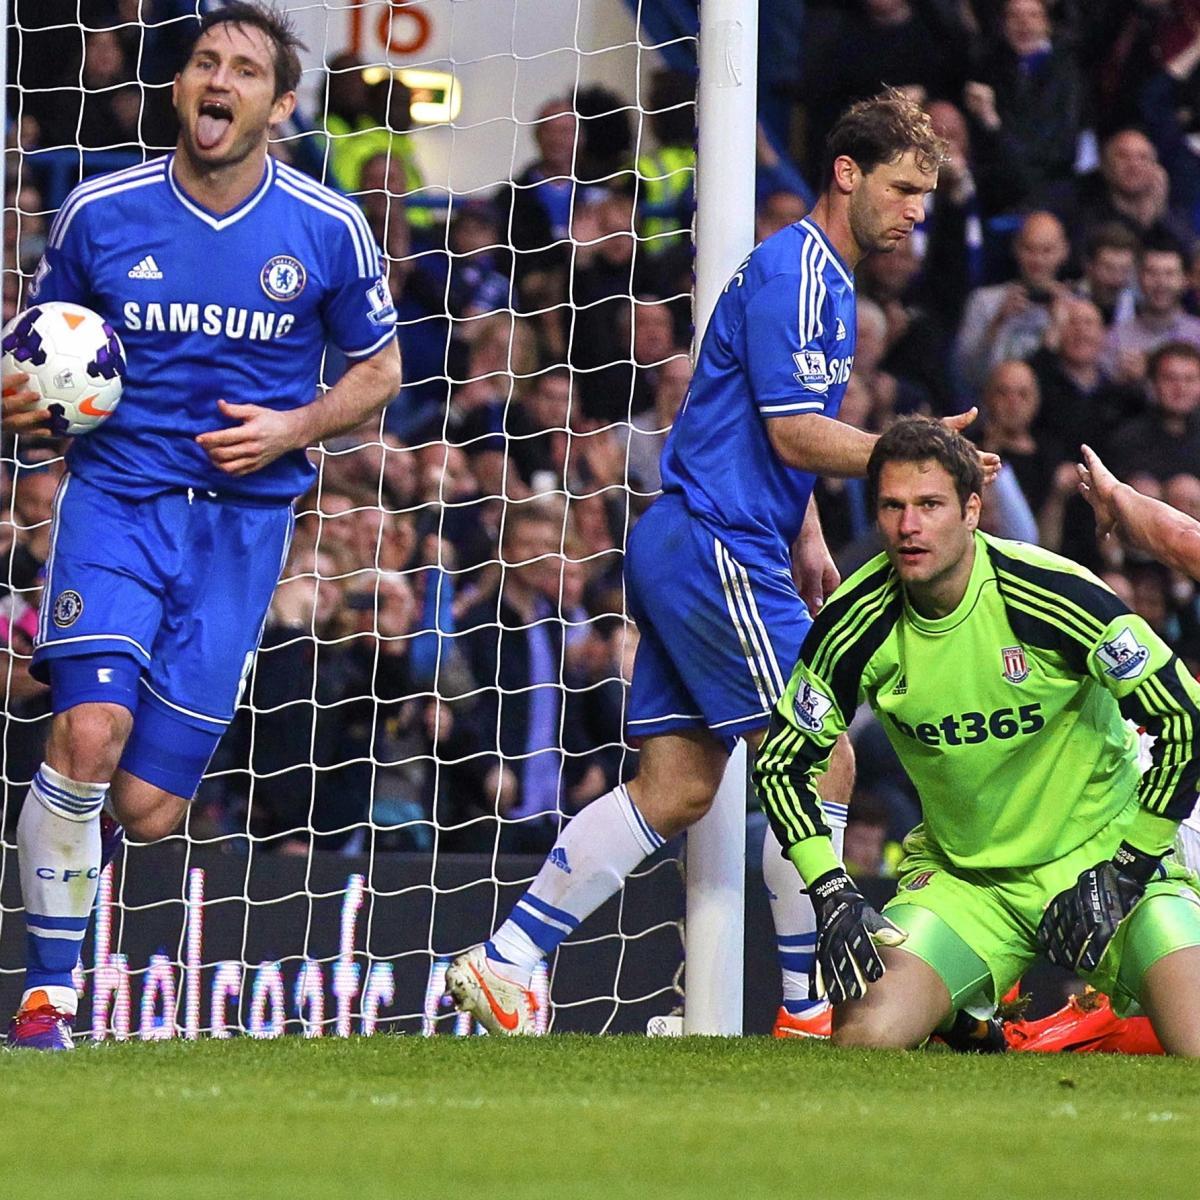 Chelsea Vs. Stoke City: Premier League Live Score